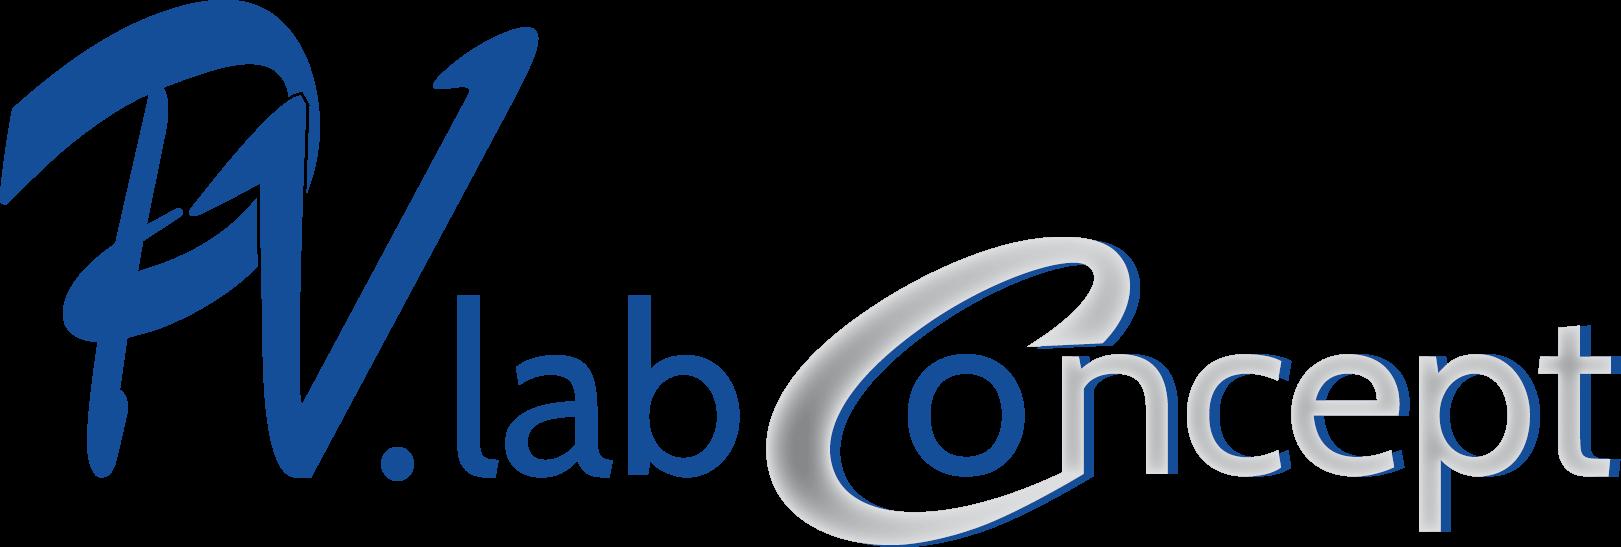 PV LABO CONCEPT